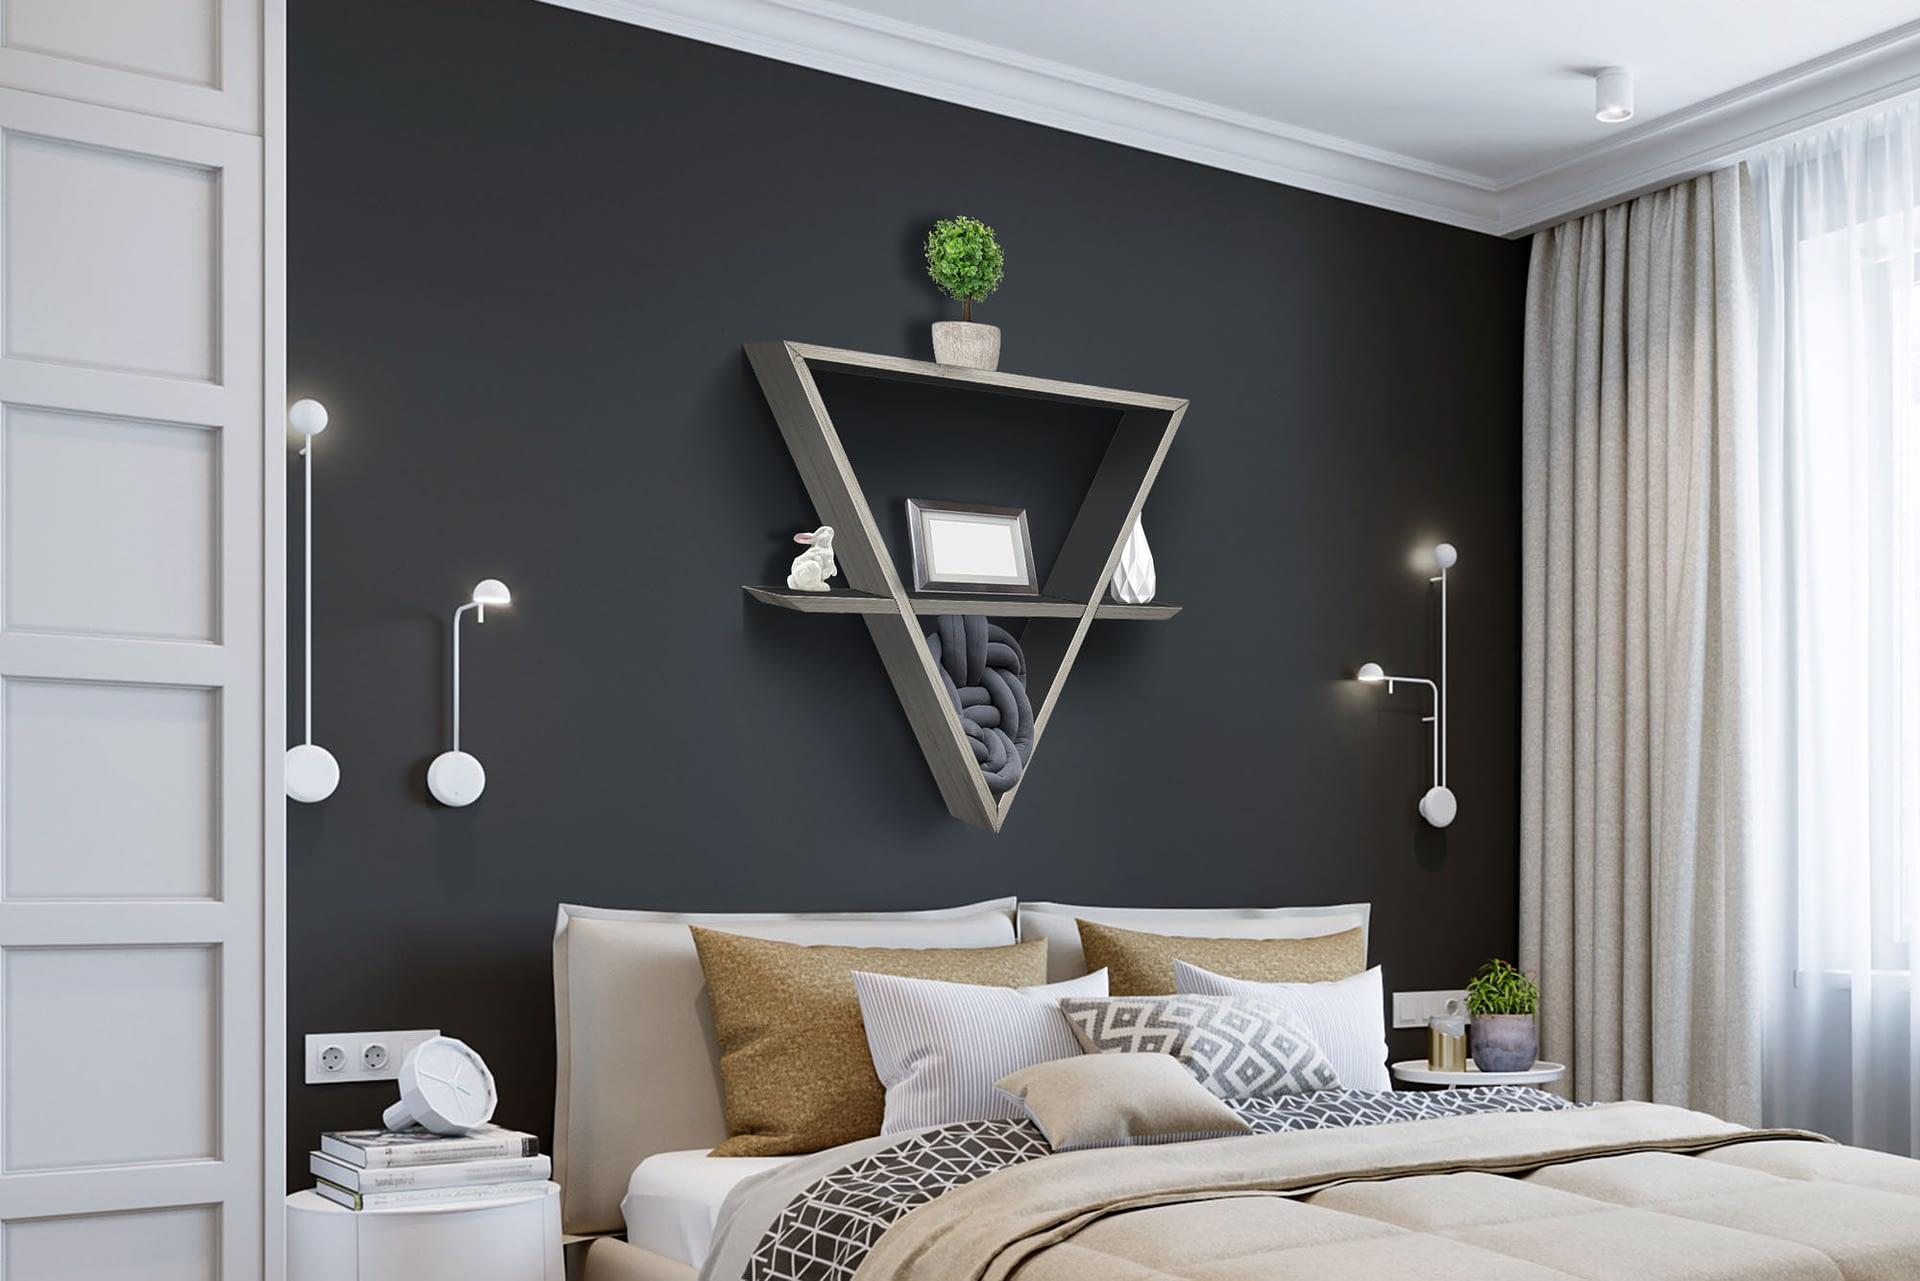 daichi ambiente camera da letto grigio cenere antracite